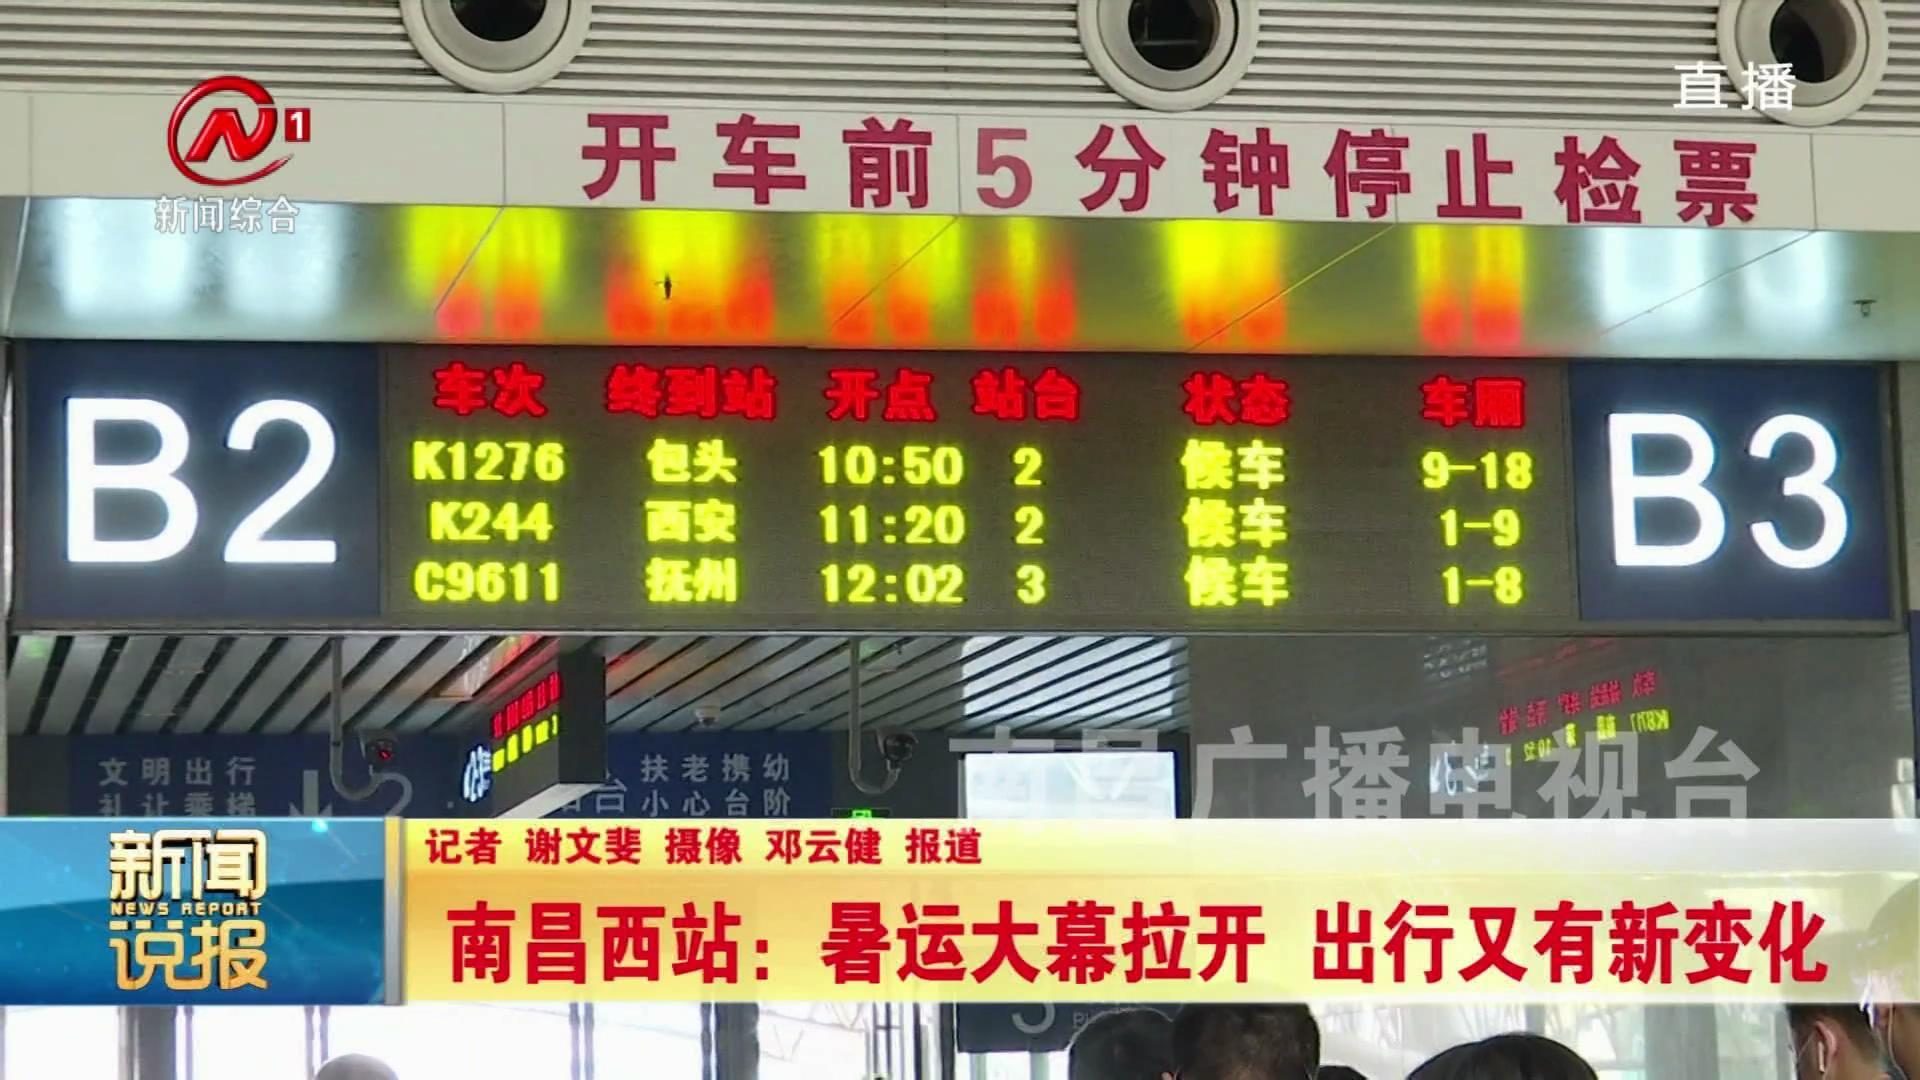 南昌西站:暑运大幕拉开 出行又有新变化